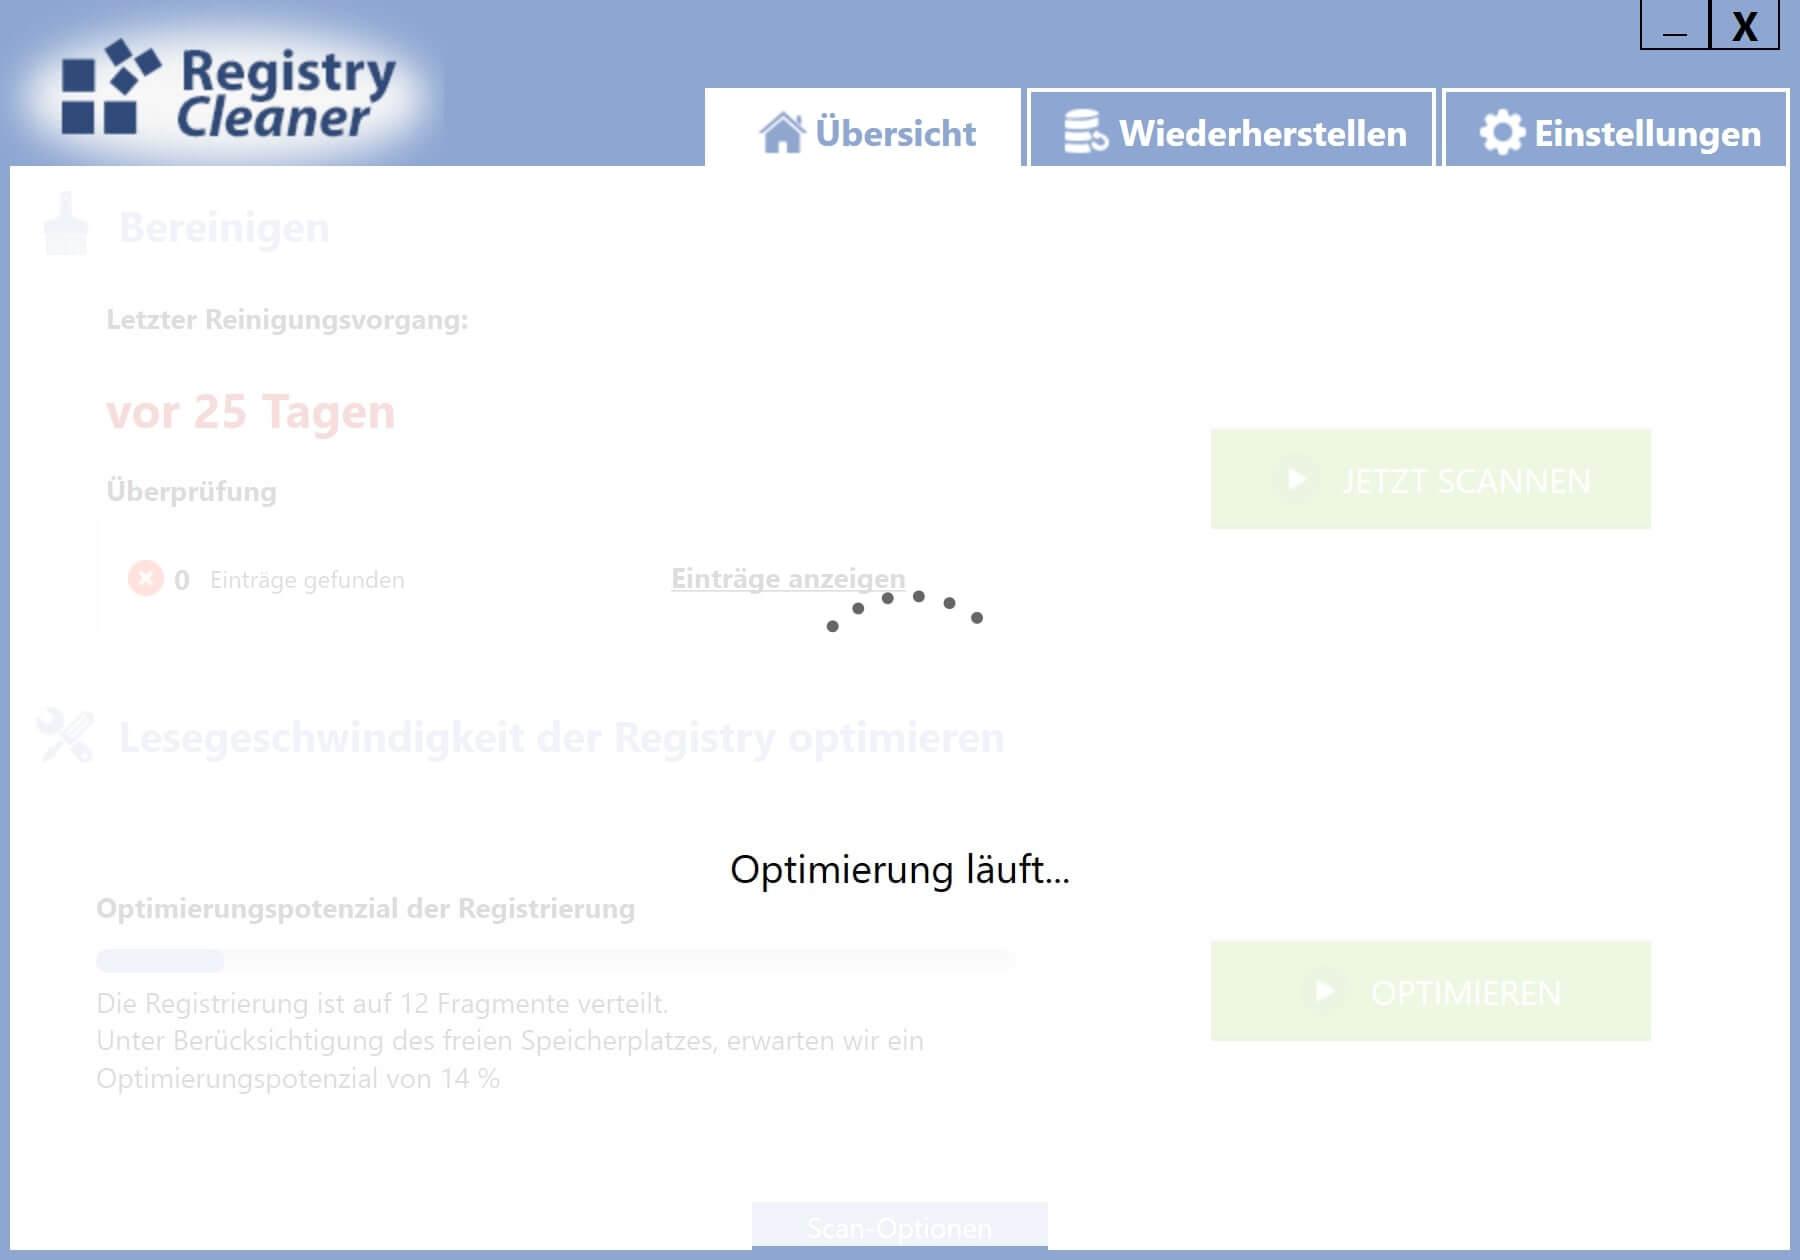 Registry defragmentieren - Durchführung der Defragmentierung